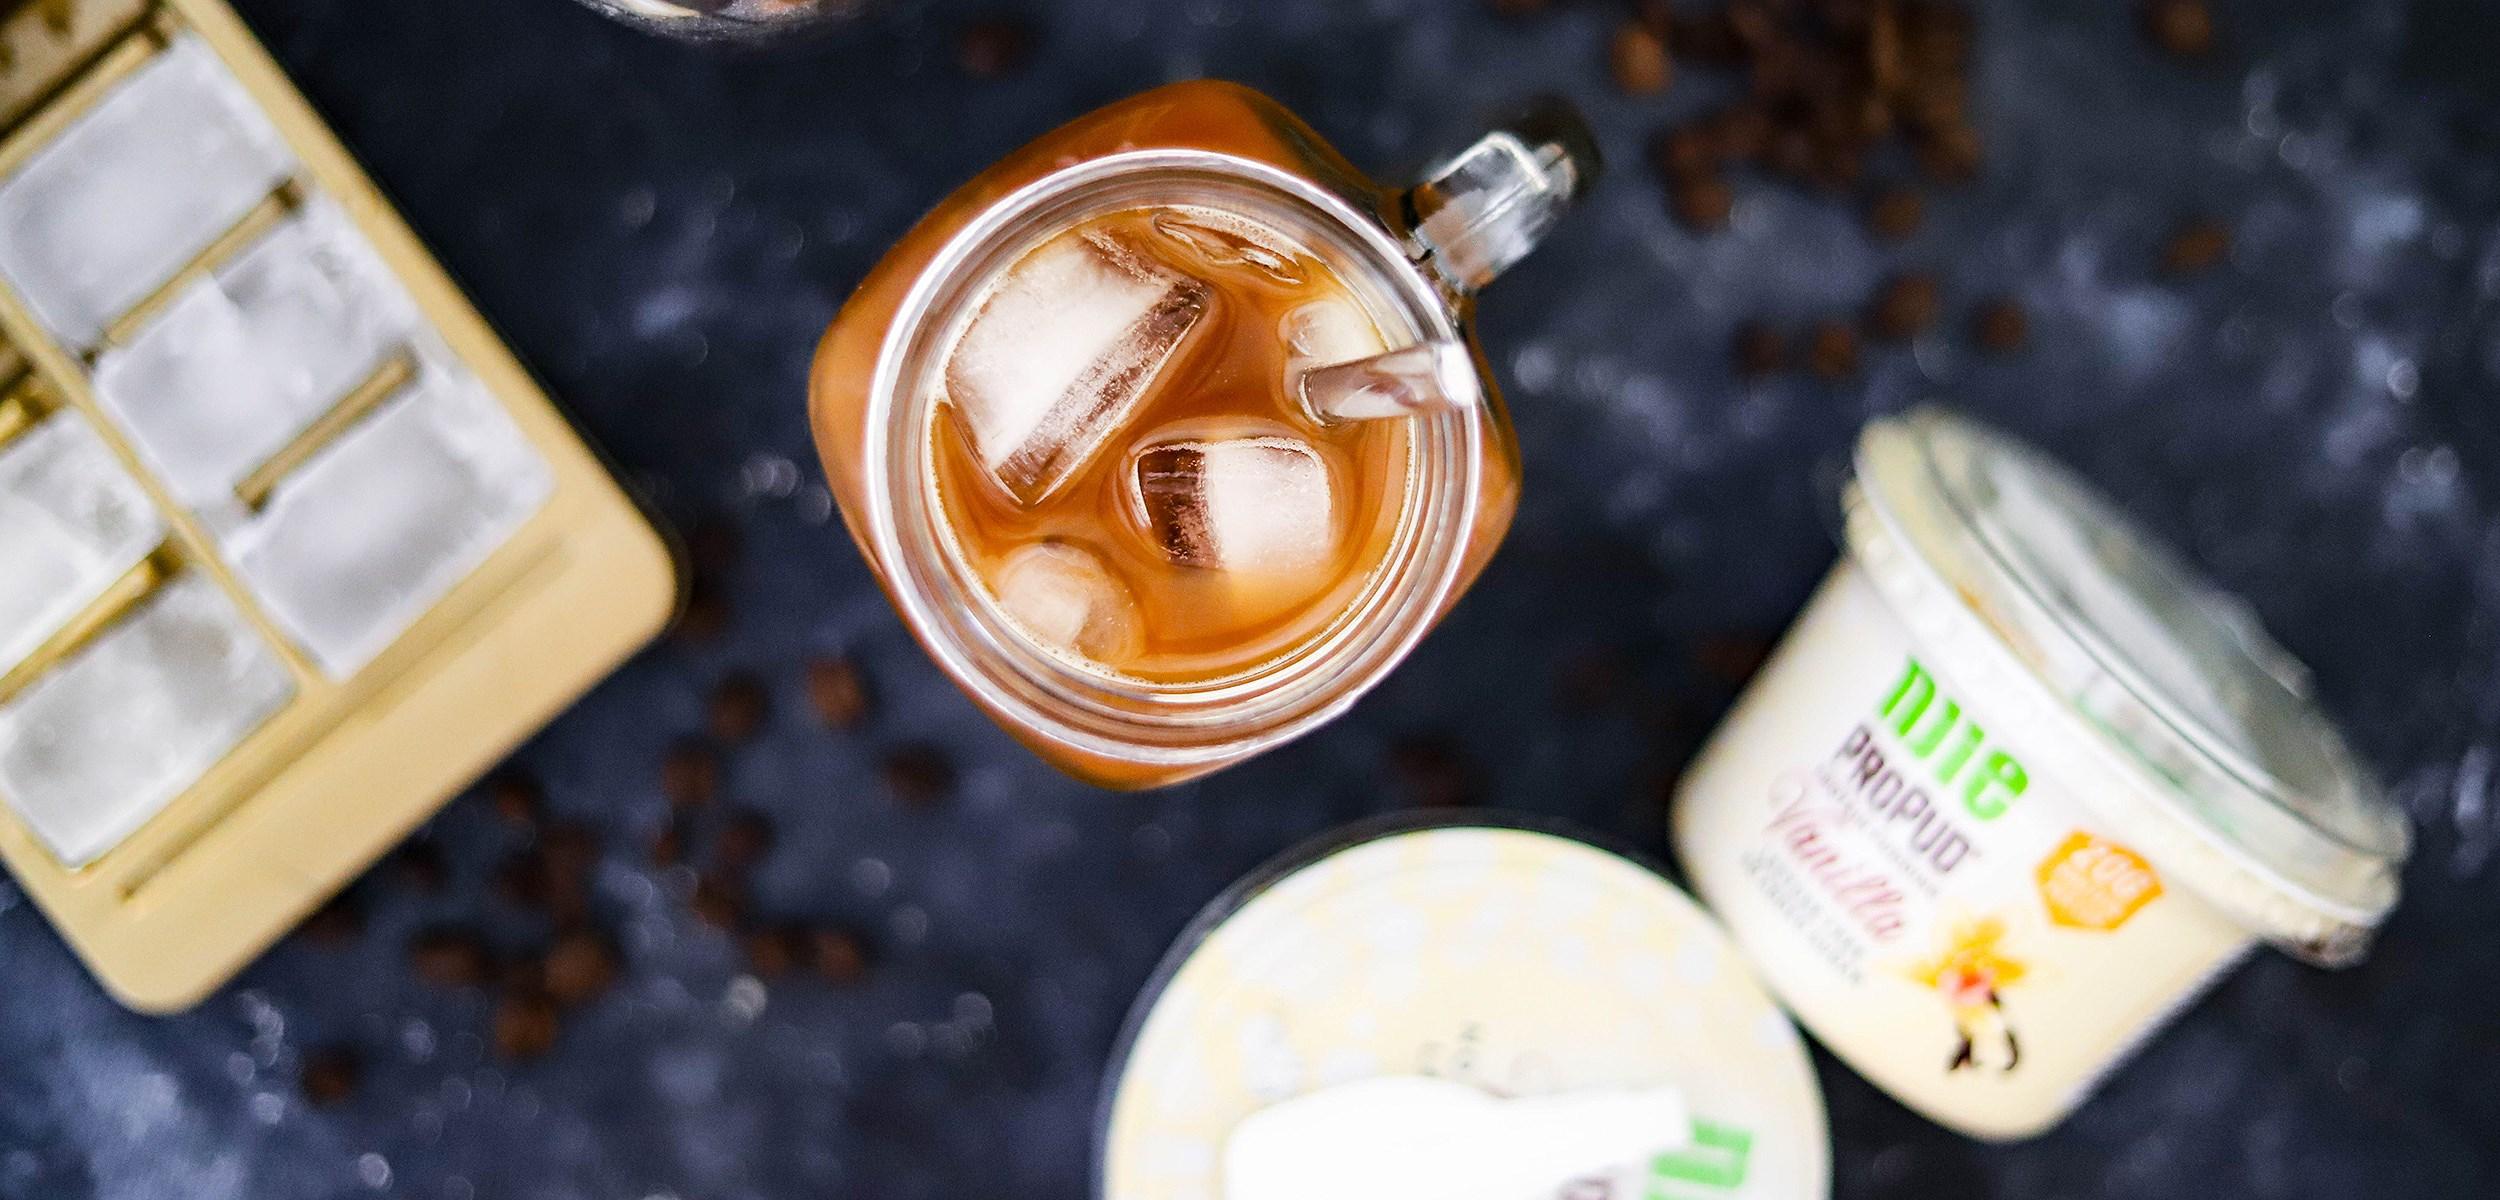 Utmana dig själv och vinn månadsförbrukning av NJIEs ProPud Proteinpudding